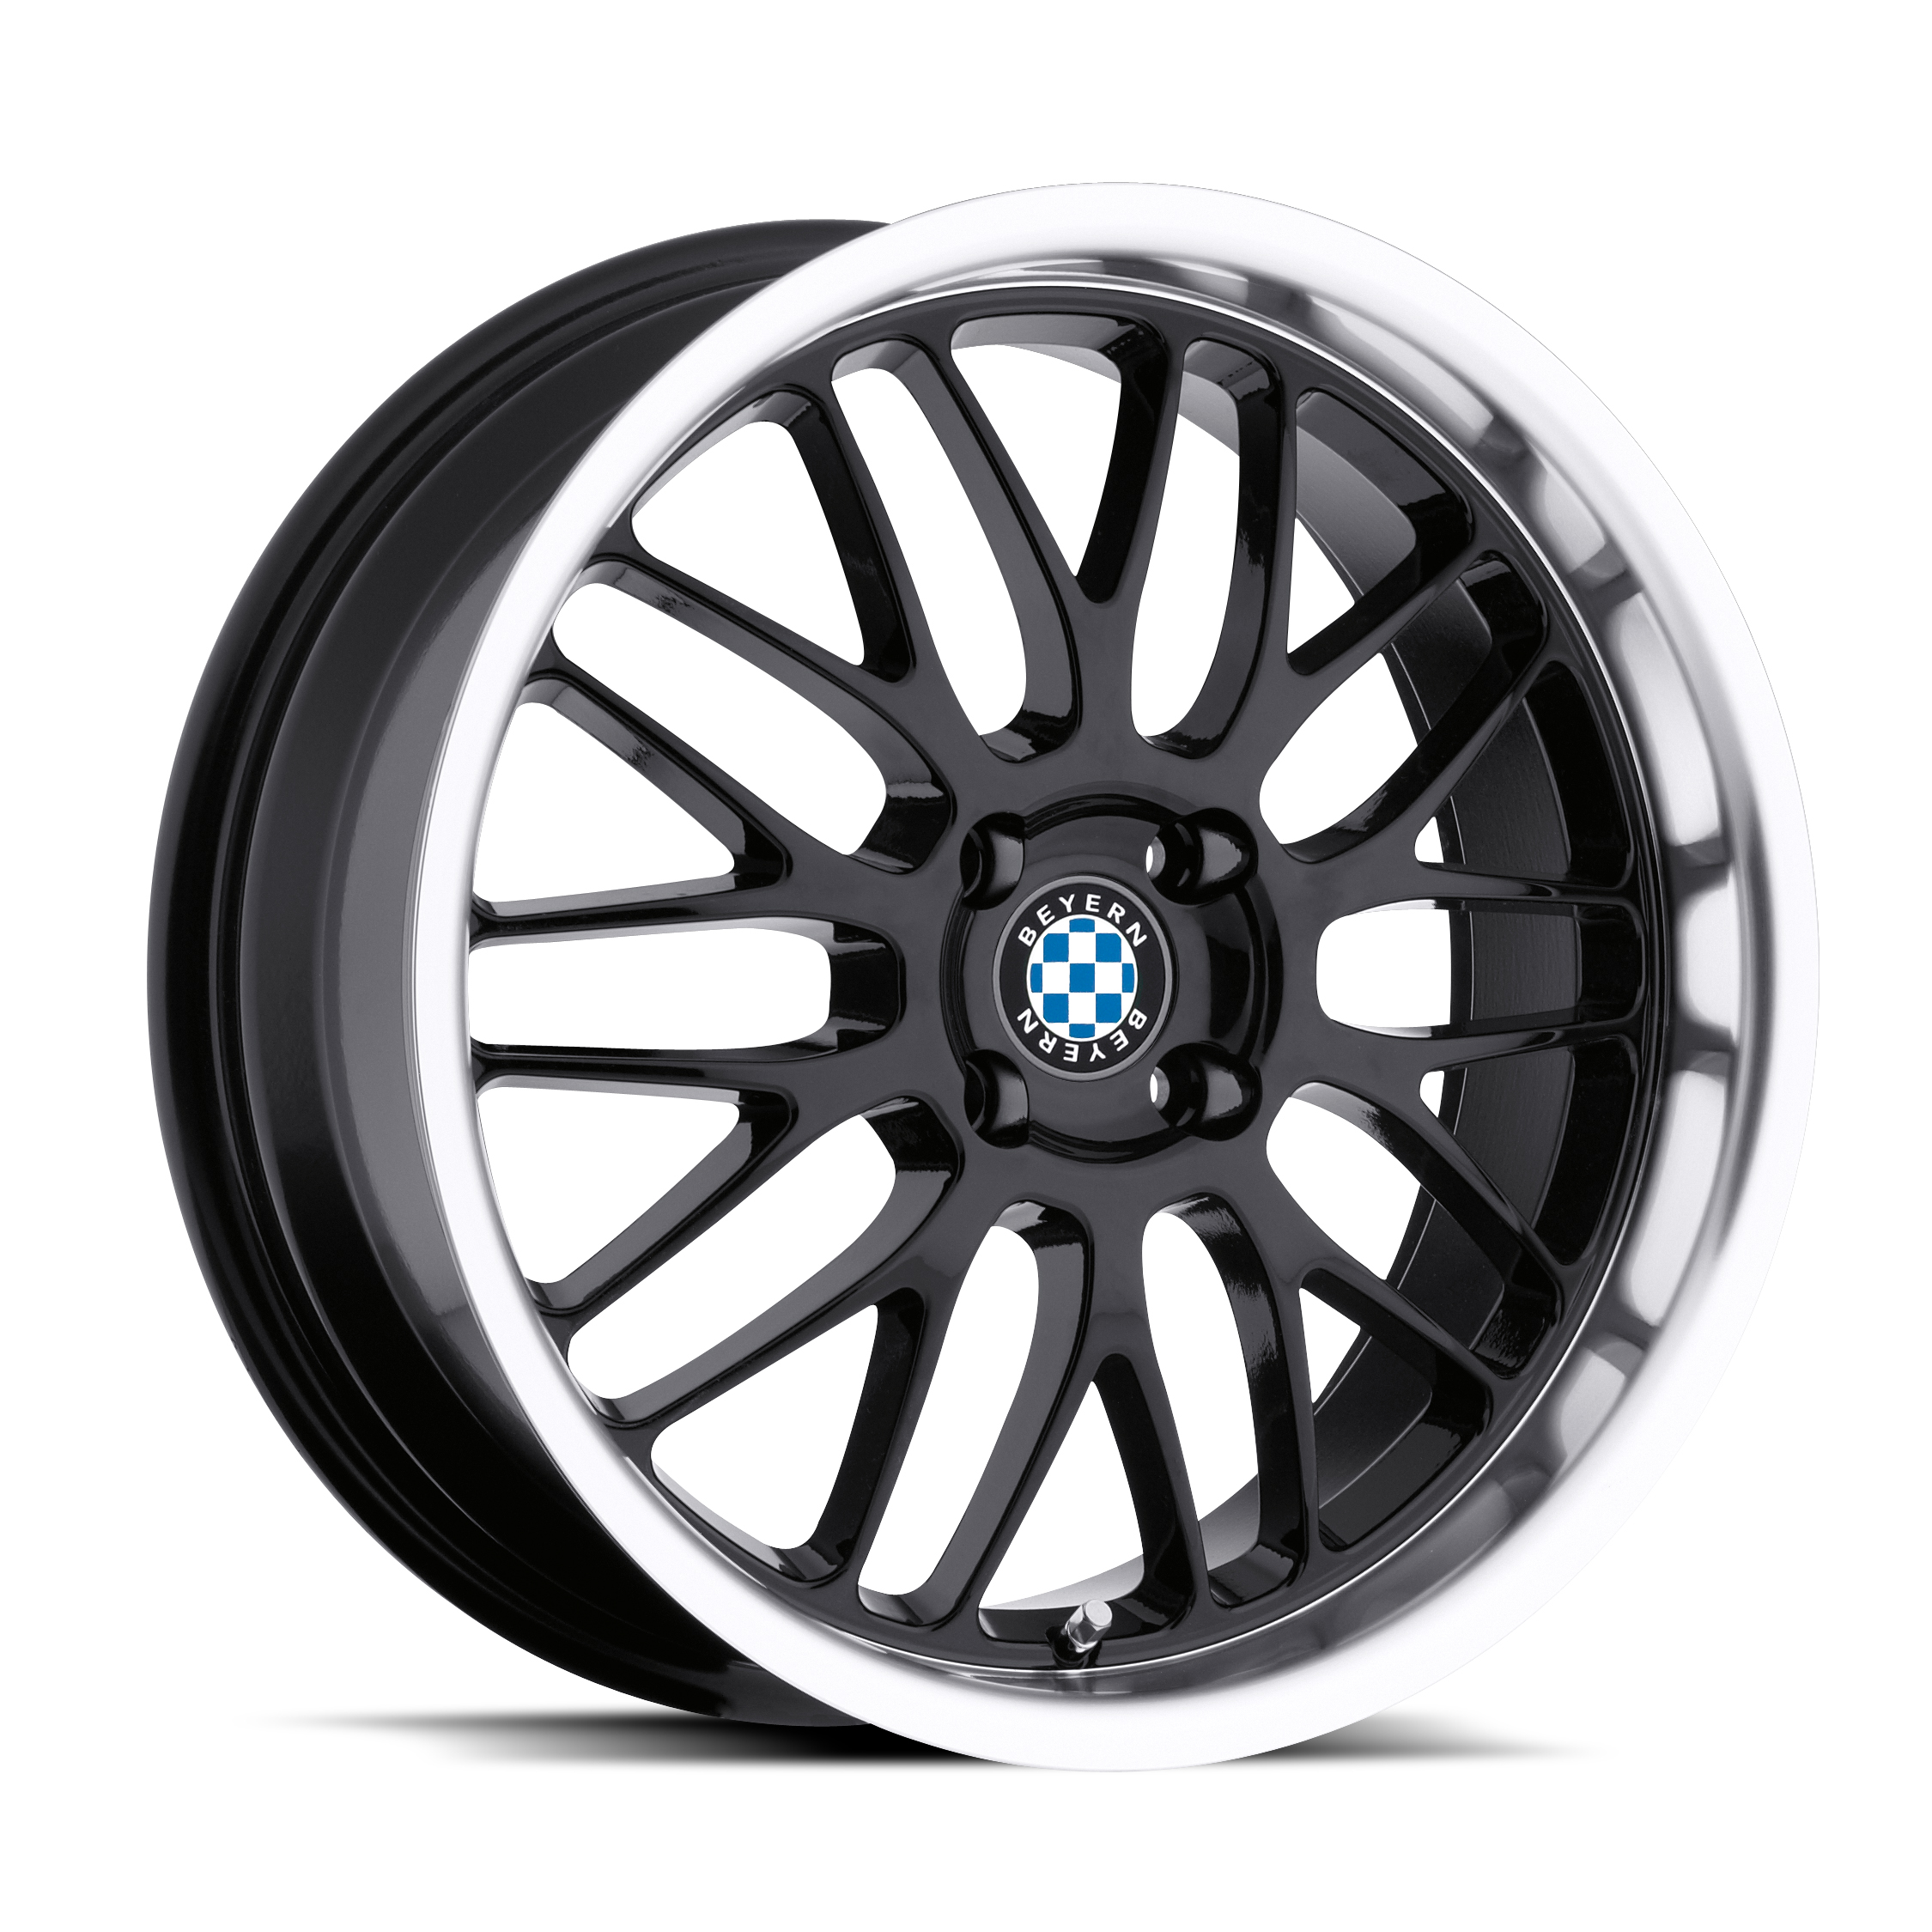 Beyern BMW Wheels Announces TÜV Approval